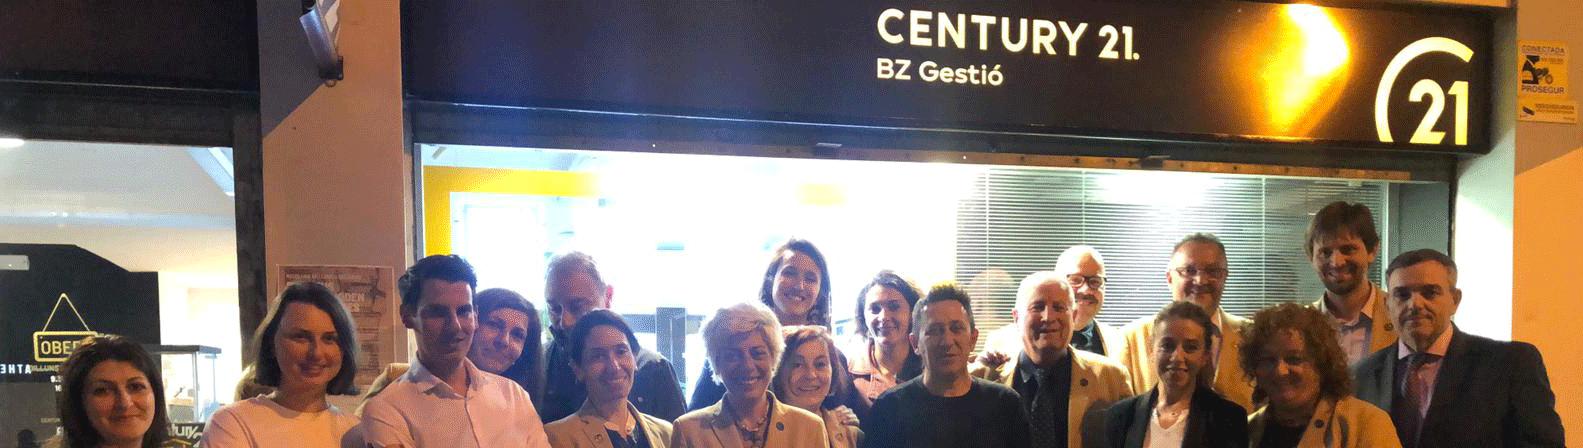 Century 21 BZ Gestió. La Prospección Telefónica de Inmuebles. Barcelona. 27.03.19